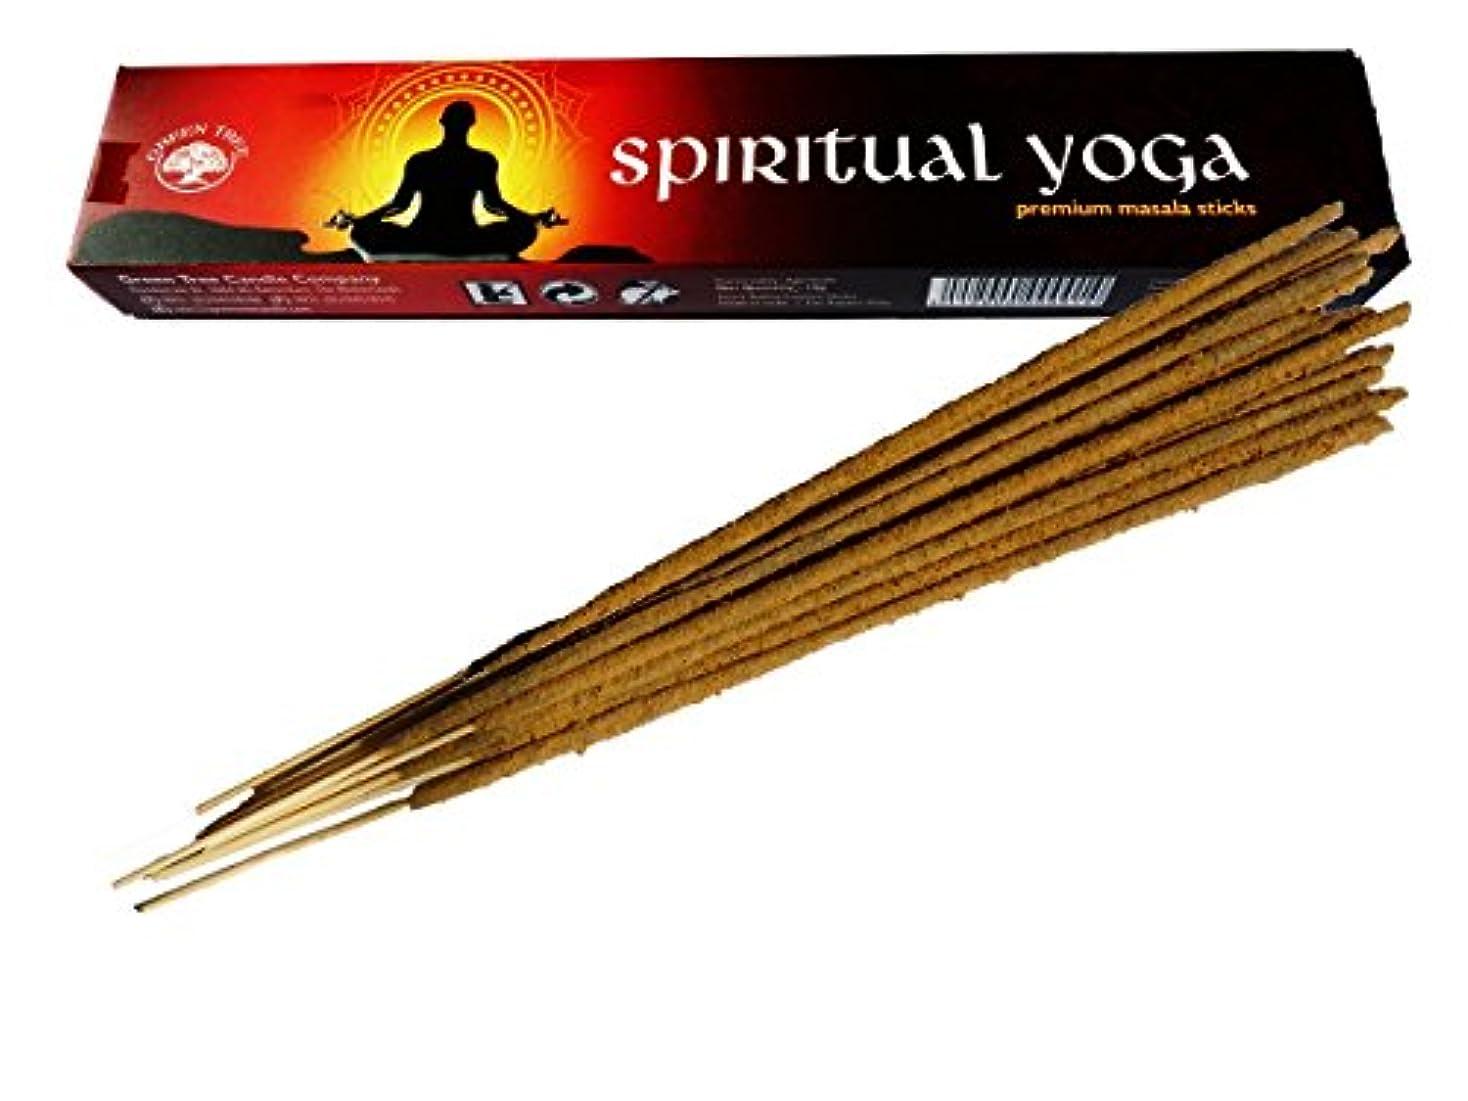 結果麻痺させるサミュエルグリーンツリーSpiritualヨガ自然Incense Sticks